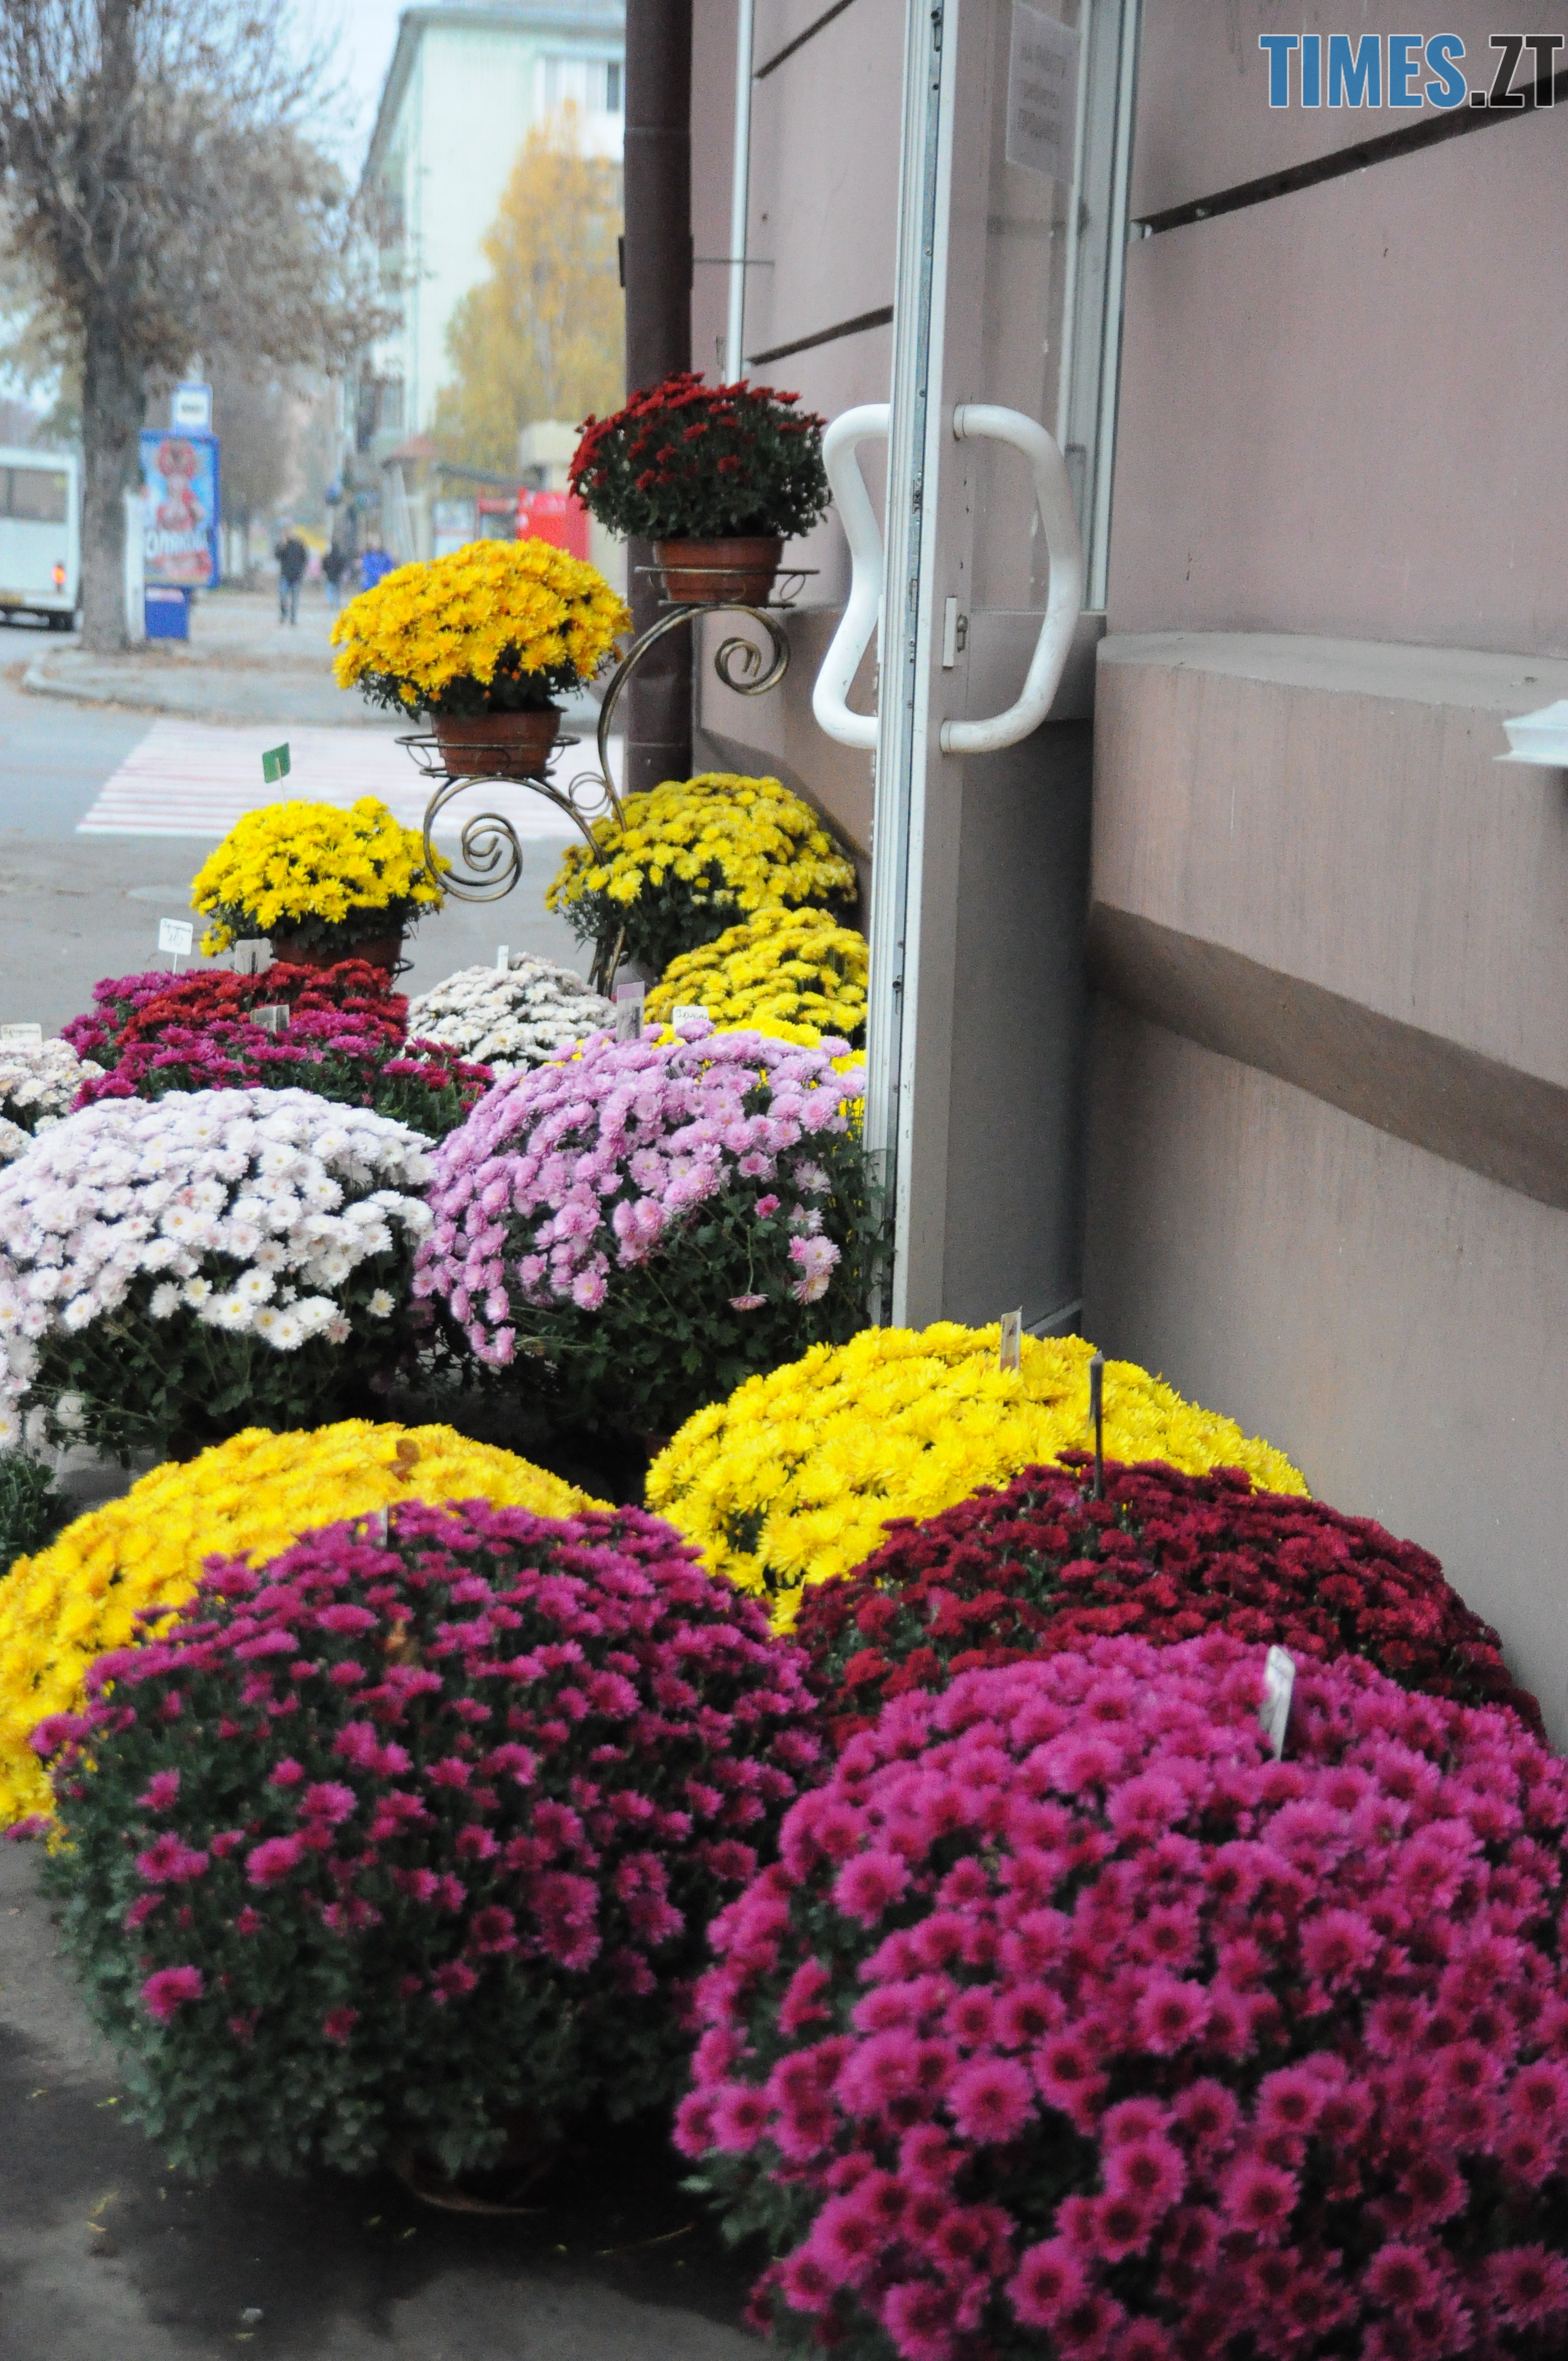 15 1 - Житомир як на долоні: форма, колір, запах цієї осені